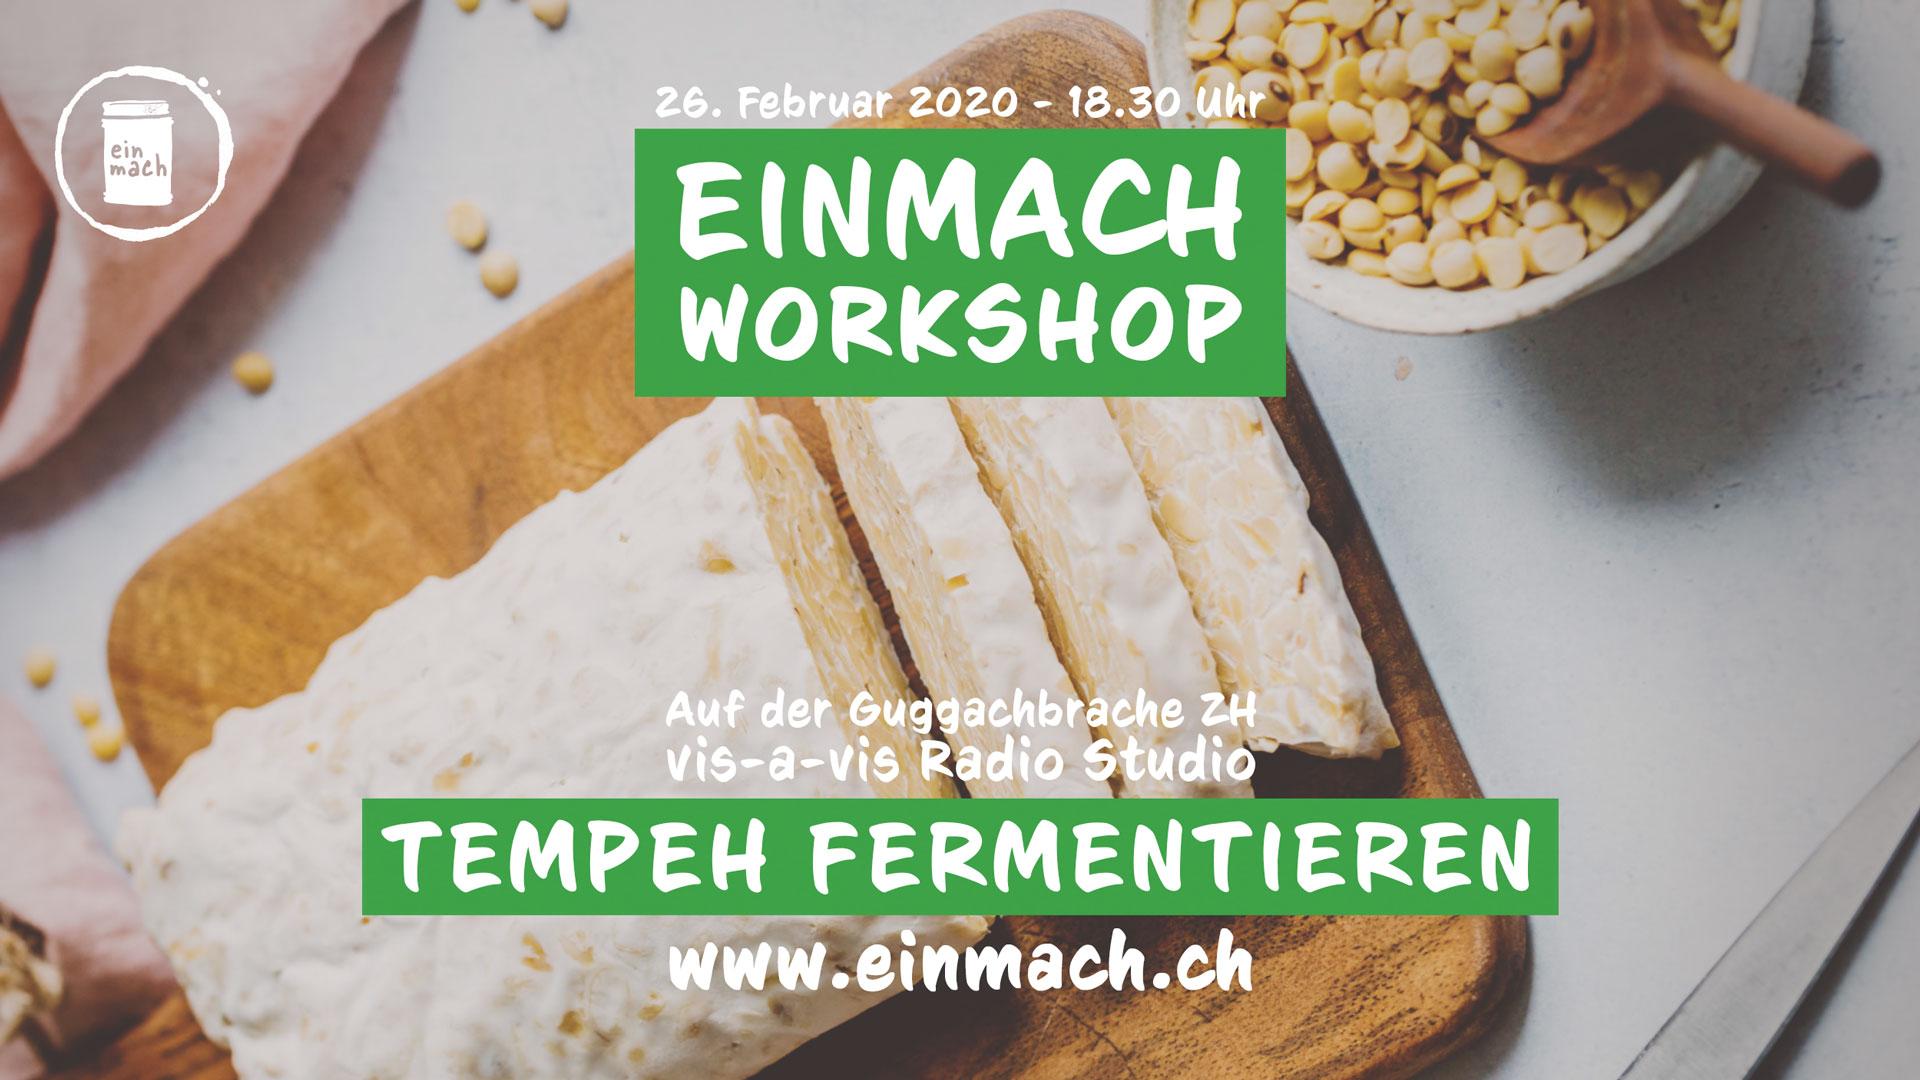 Einmach Workshop – 26. Februar 2020 – Tempeh fermentieren